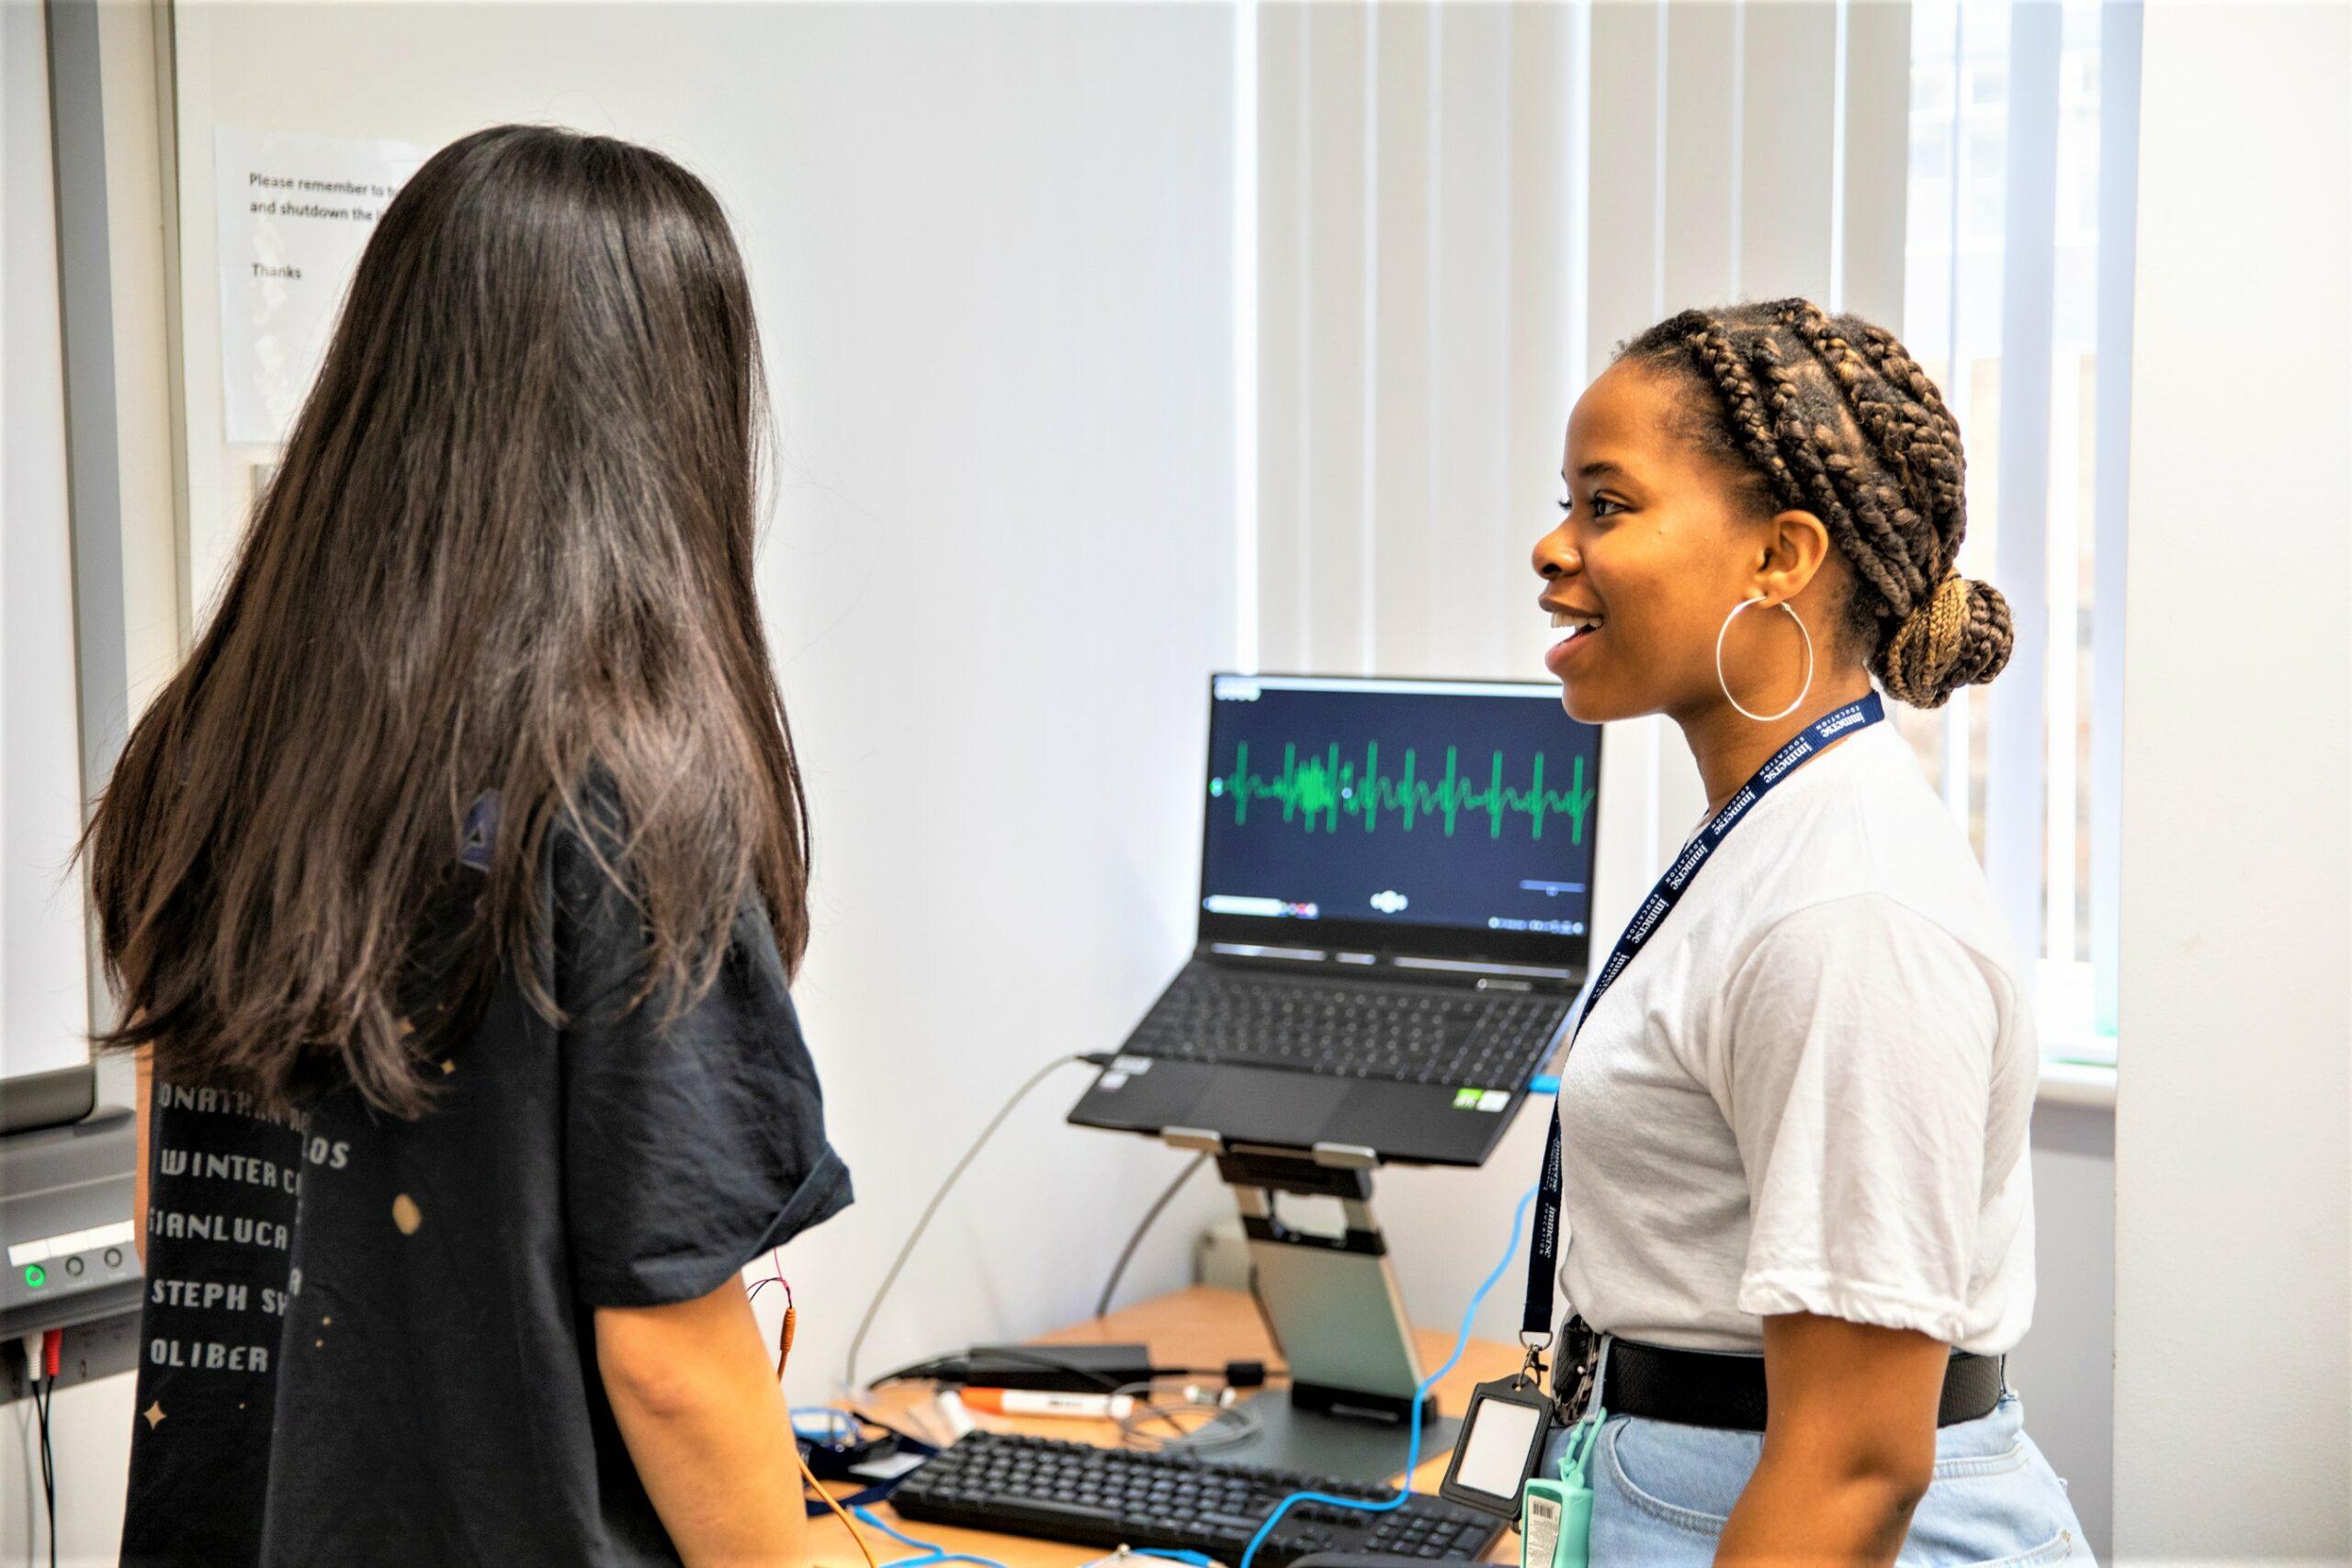 Medicine Practical Workshop - Summer School in Cambridge